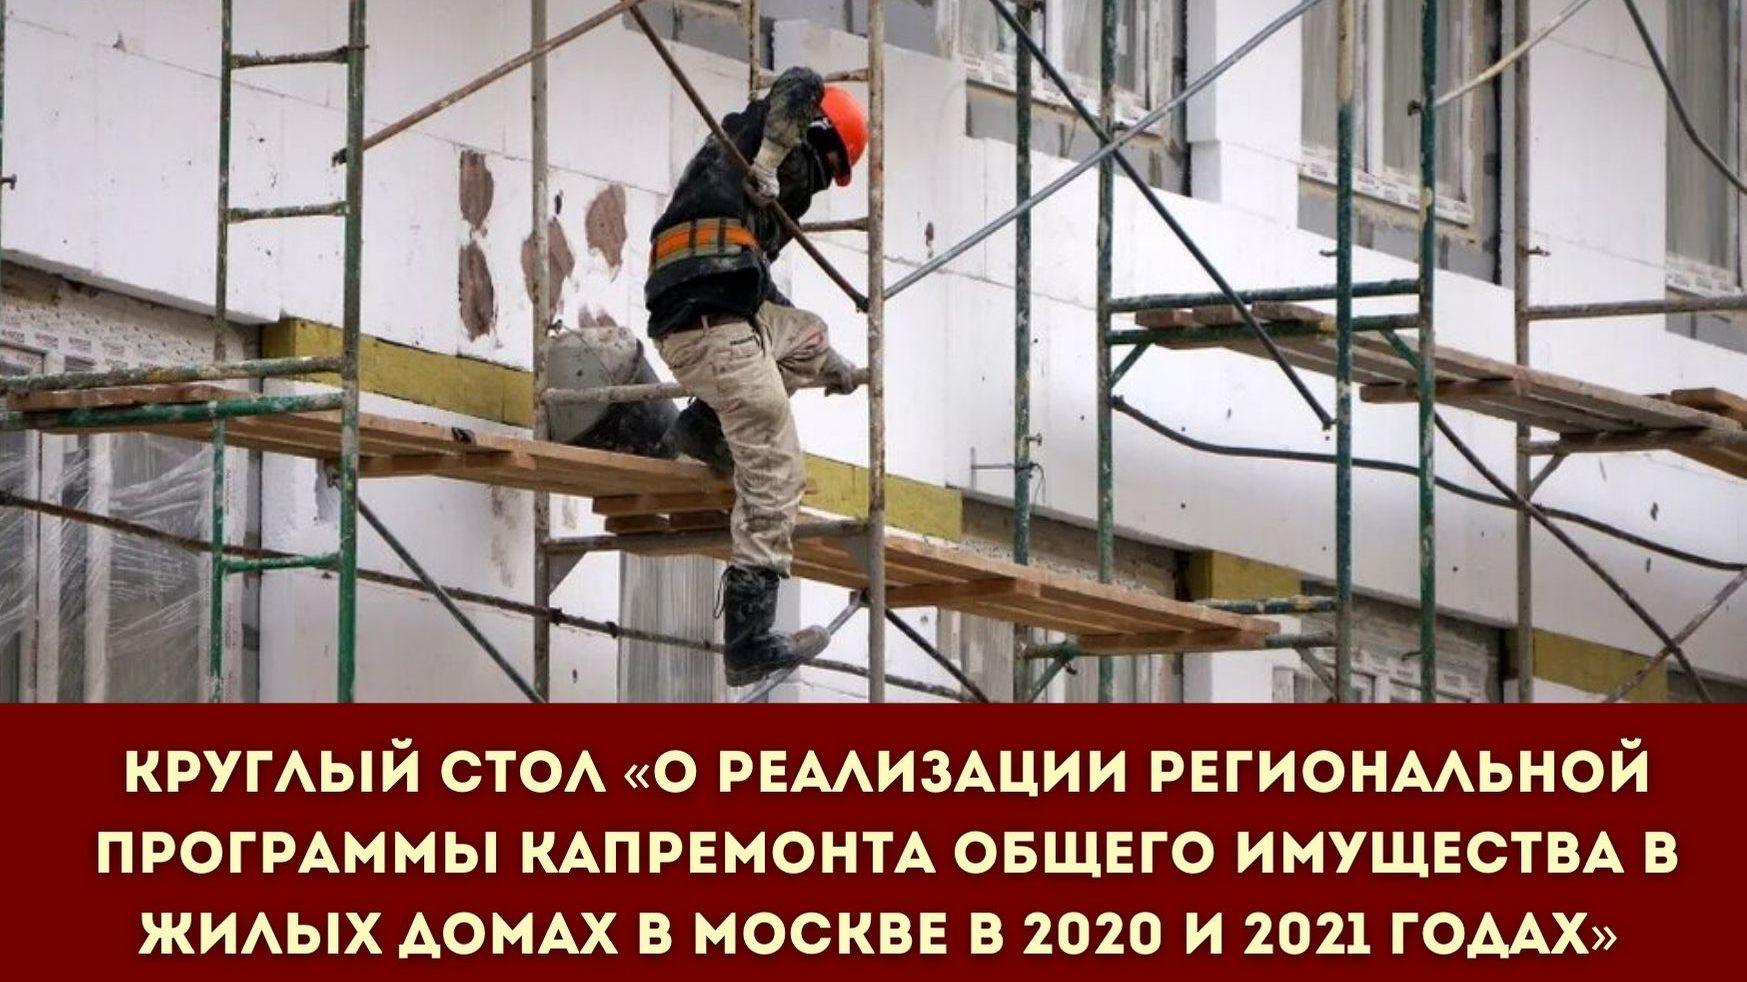 Анонс: круглый стол по проблемам капитального ремонта в Москве